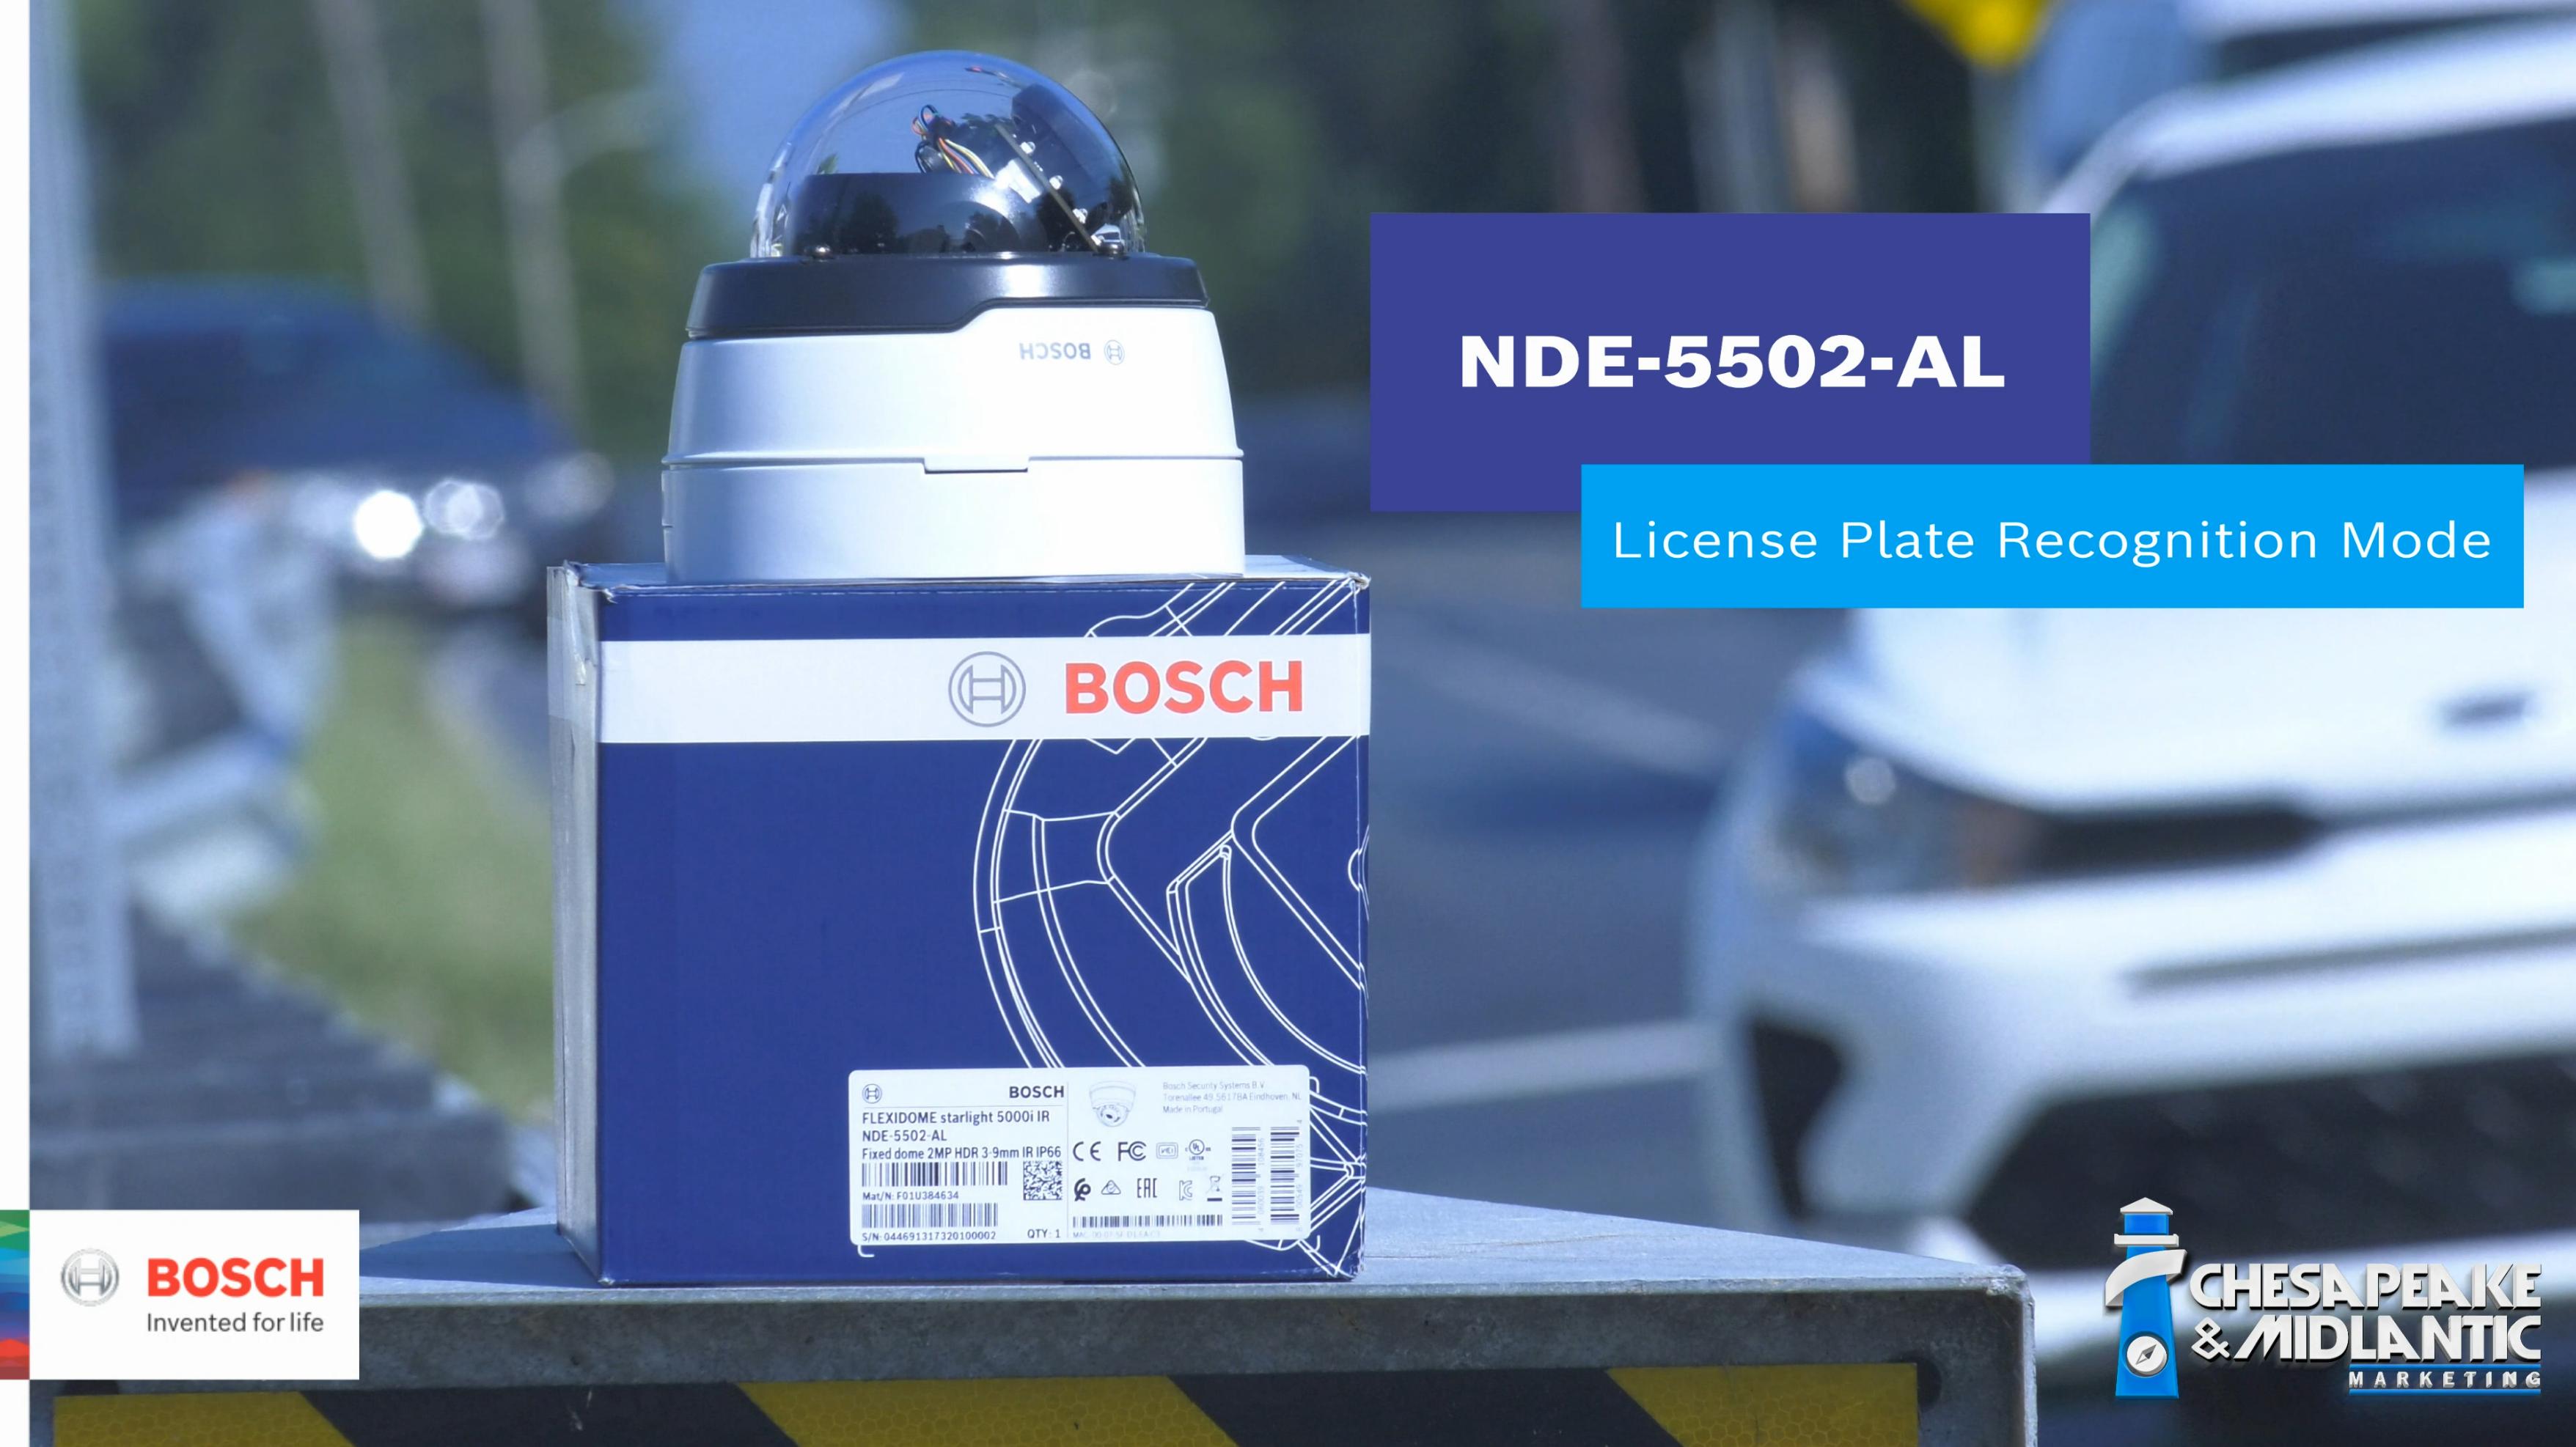 NDE-5502-AL LPR Mode thumbnail 1